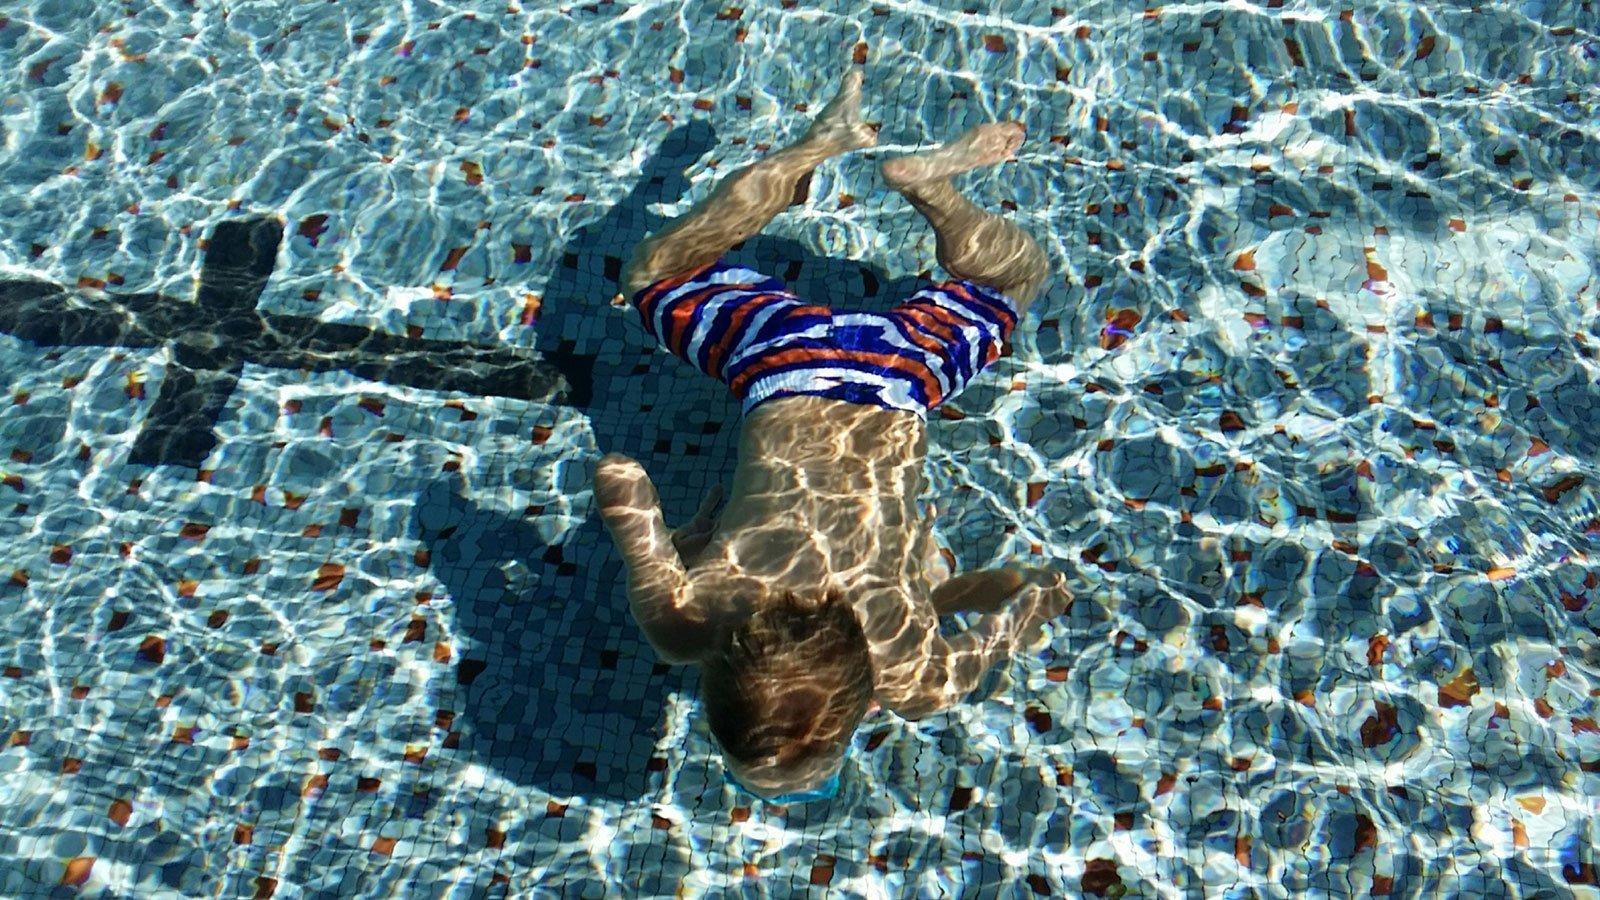 1_Kinderfreibad_holger-link-723815_www.unsplash.com